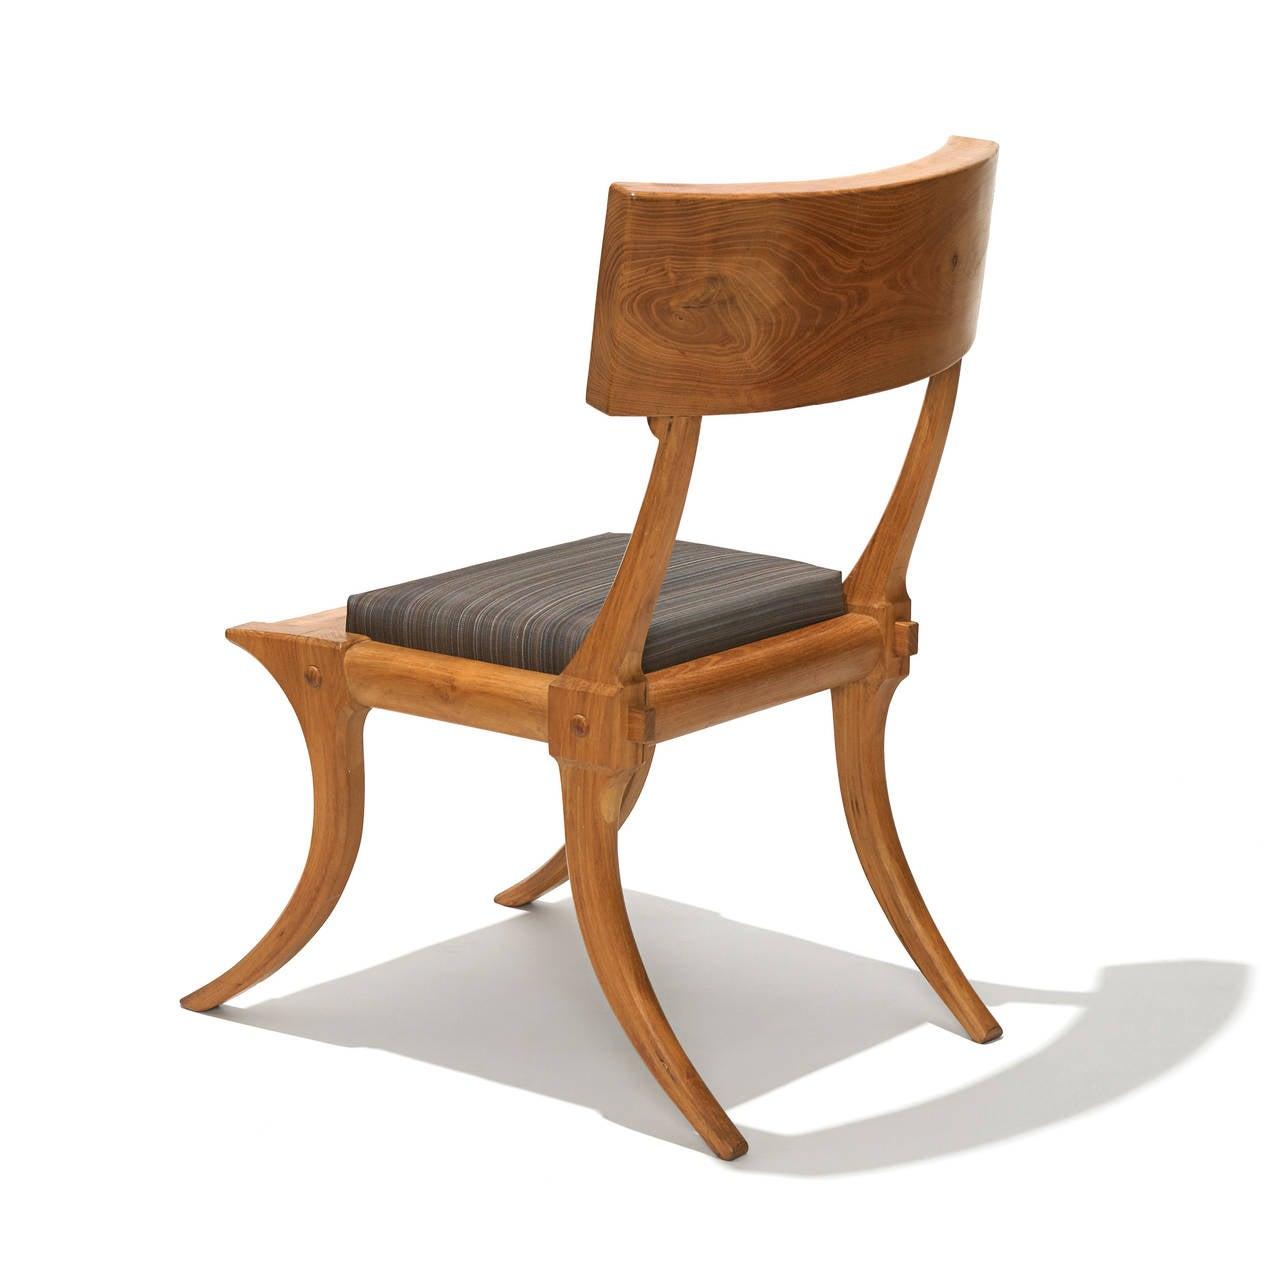 Klismos Chair in Pine by Unknown 20th Century Danish